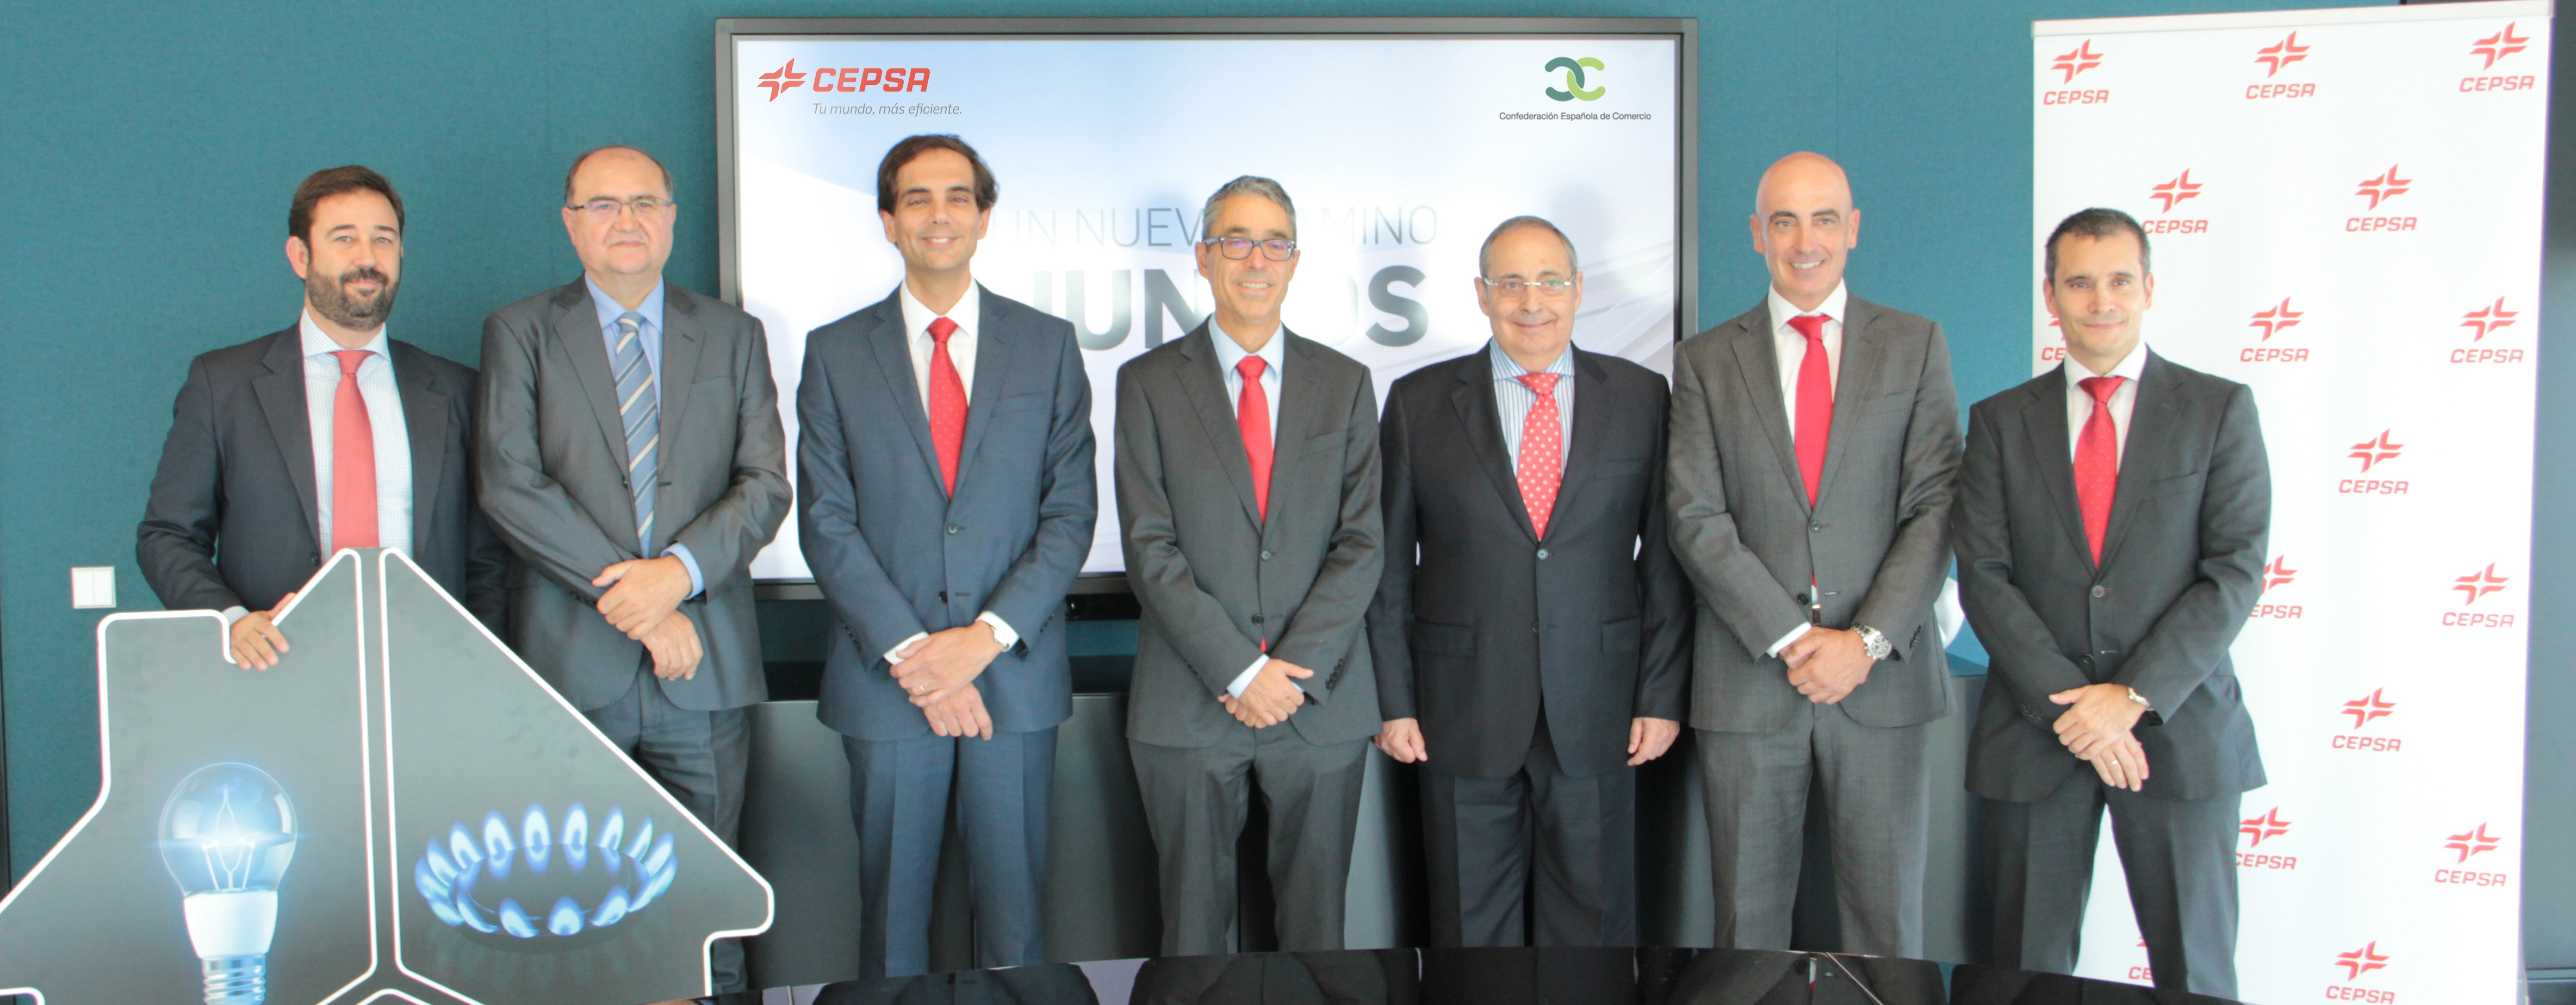 La CEC firma un acuerdo con CEPSA para dar a conocer su nueva oferta de Luz y Gas para Negocios